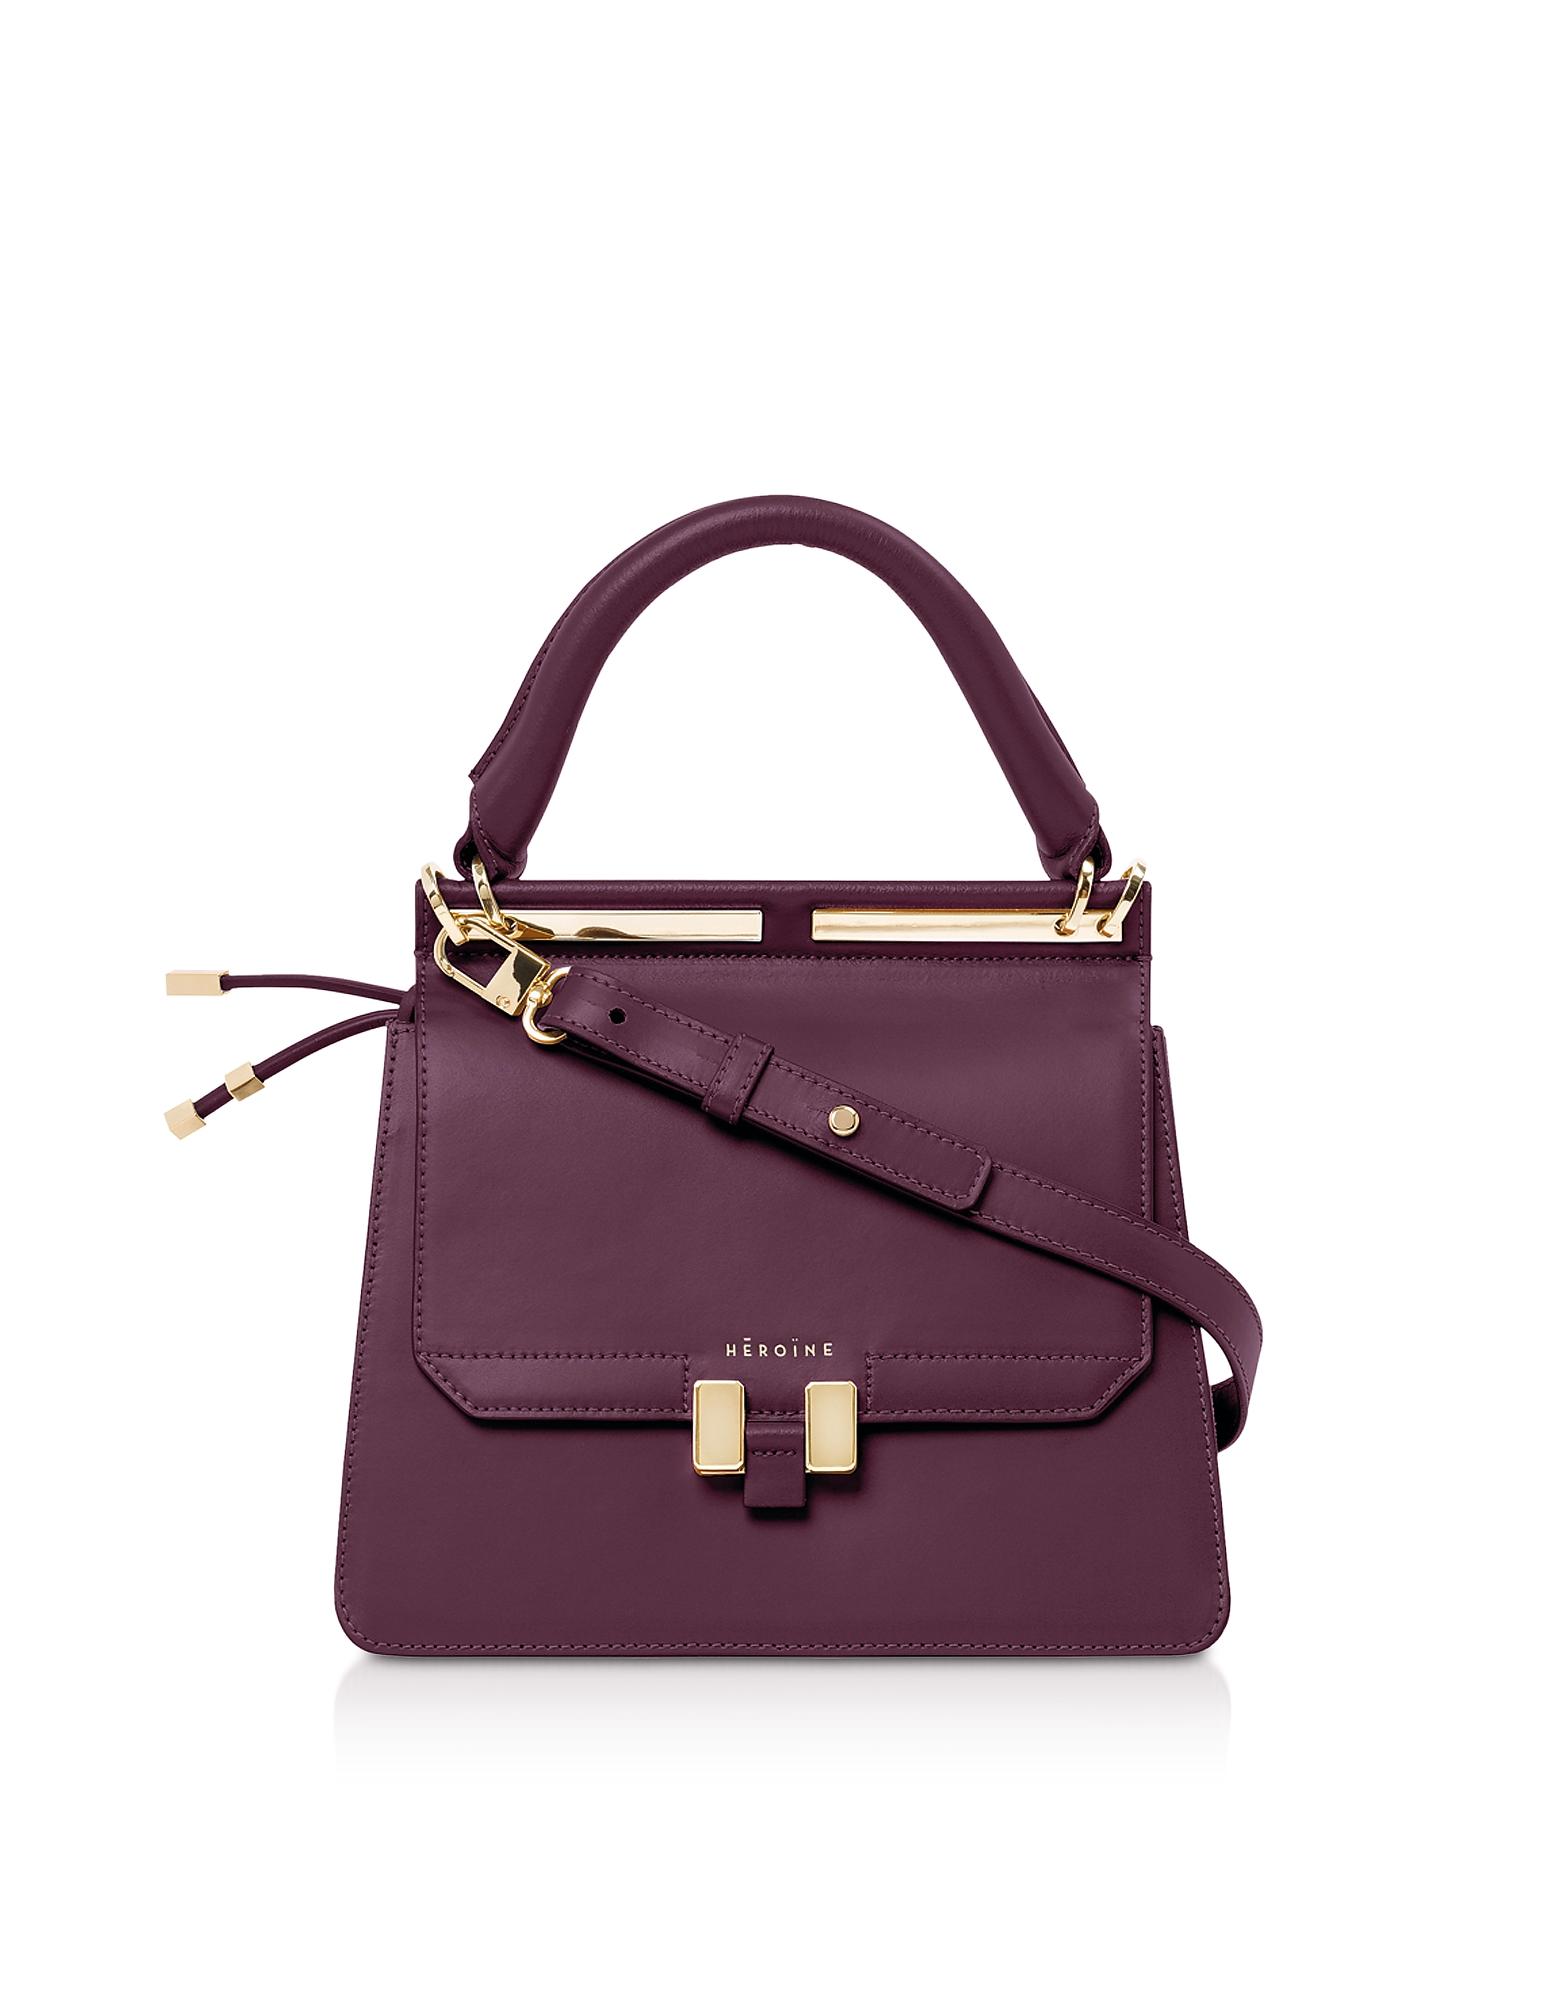 Maison Heroine Designer Handbags, Berry Leather Marlene Mini Tablet Satchel Bag